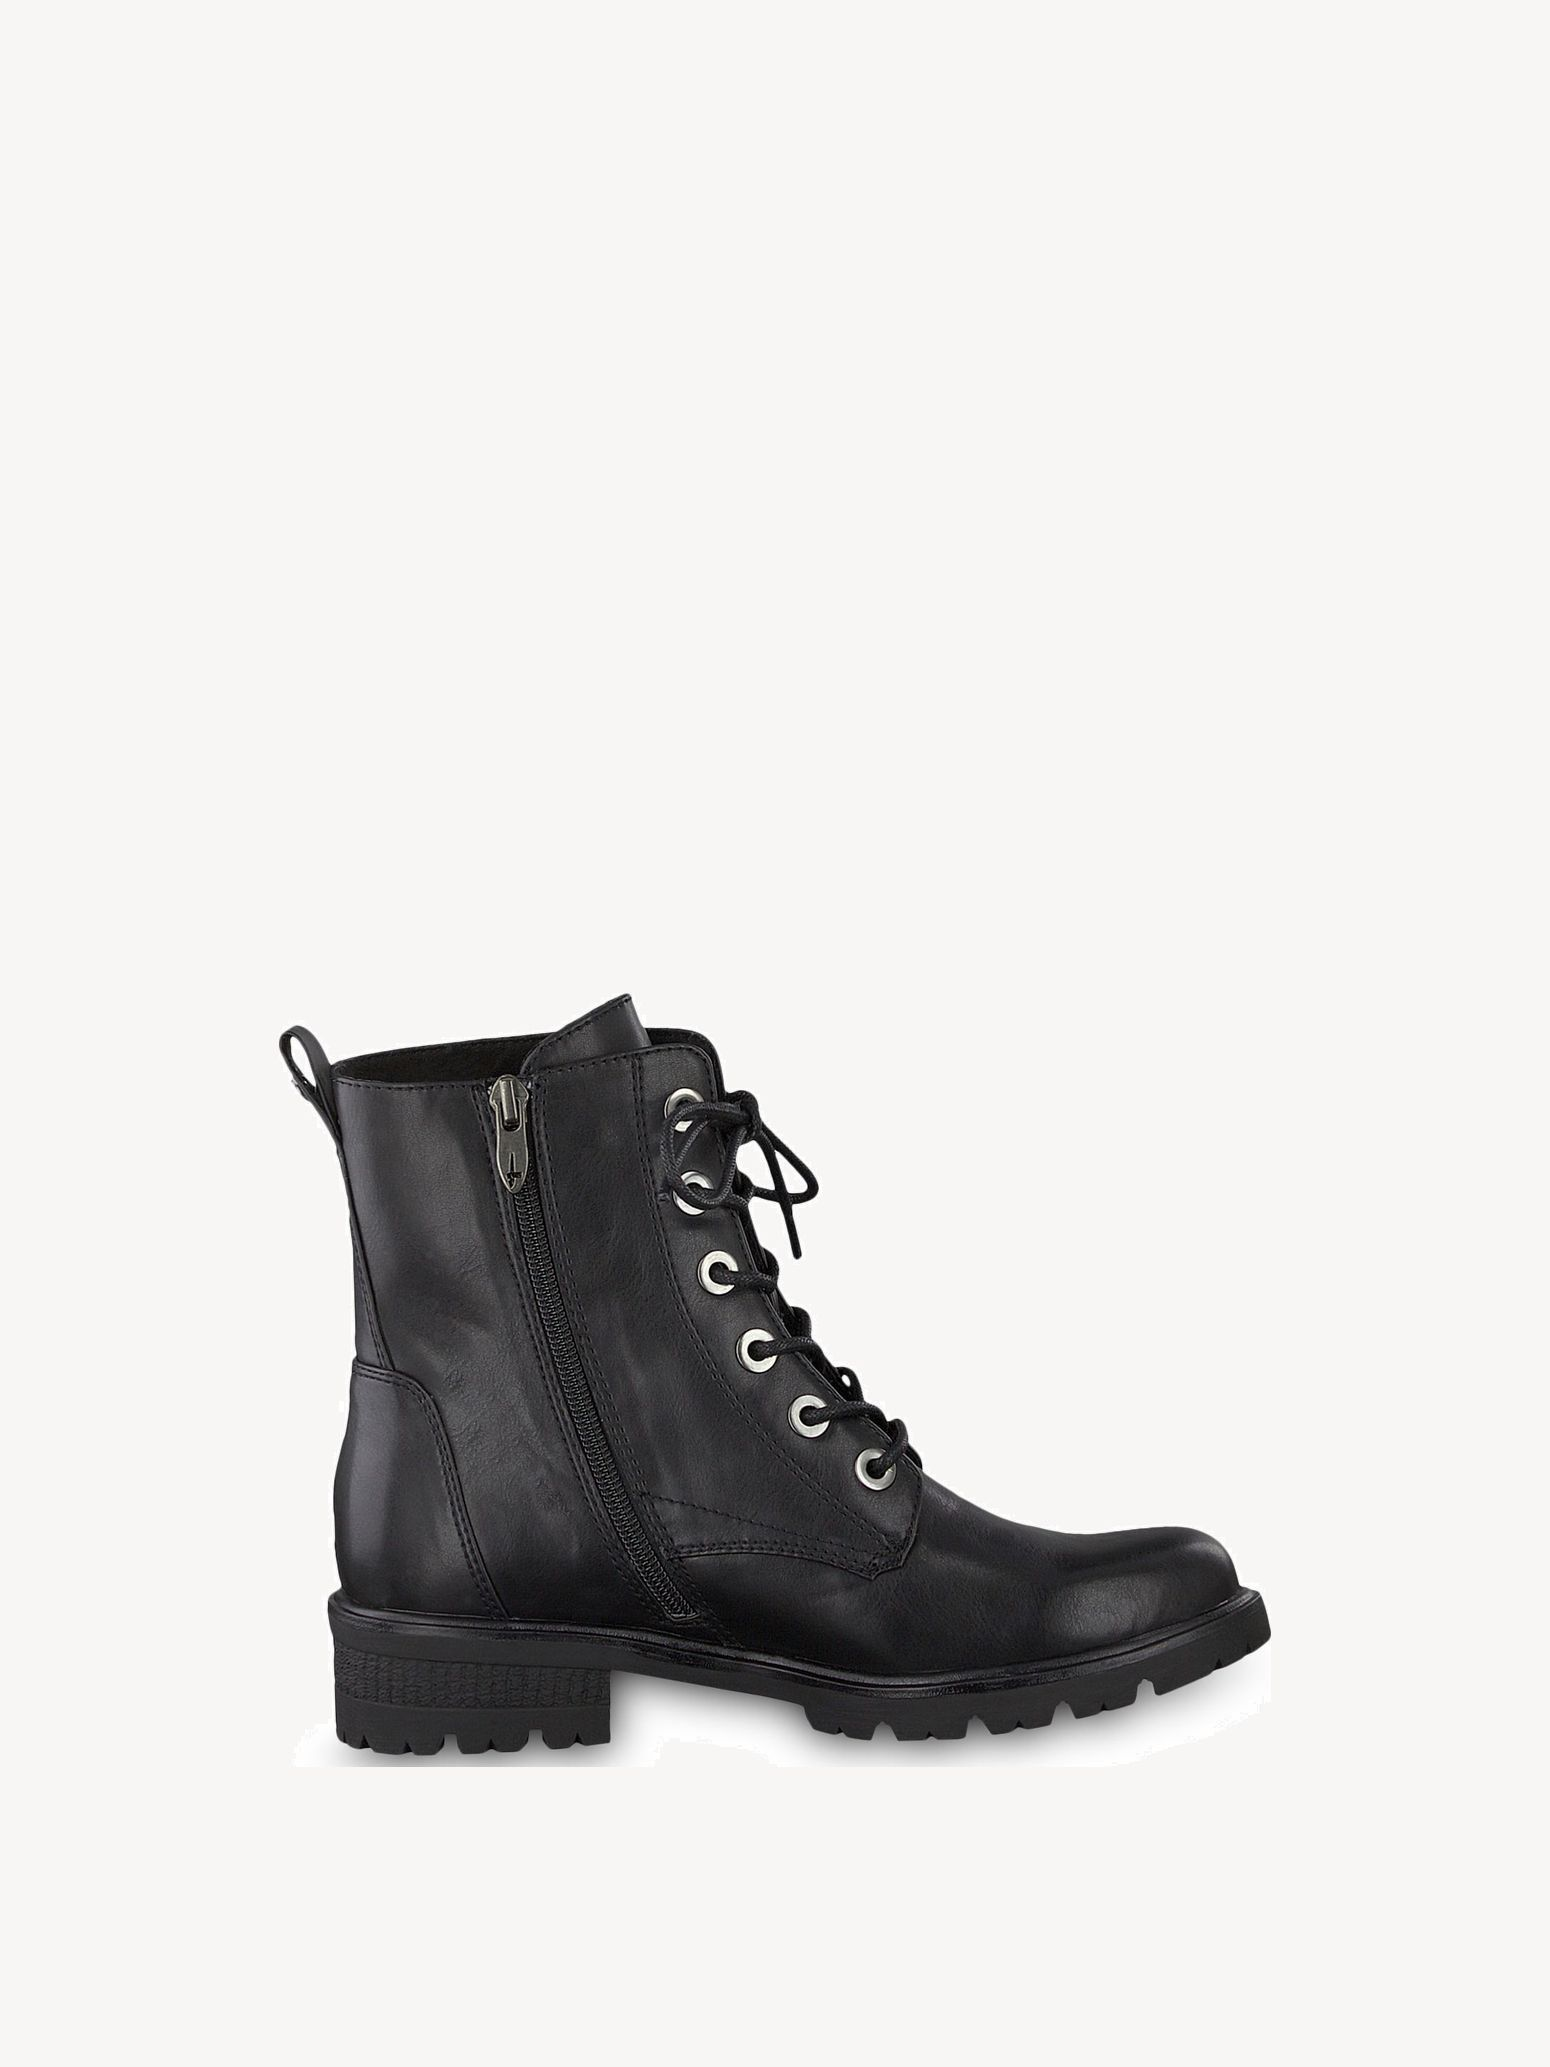 Tamaris Zeya Lace Up Boots